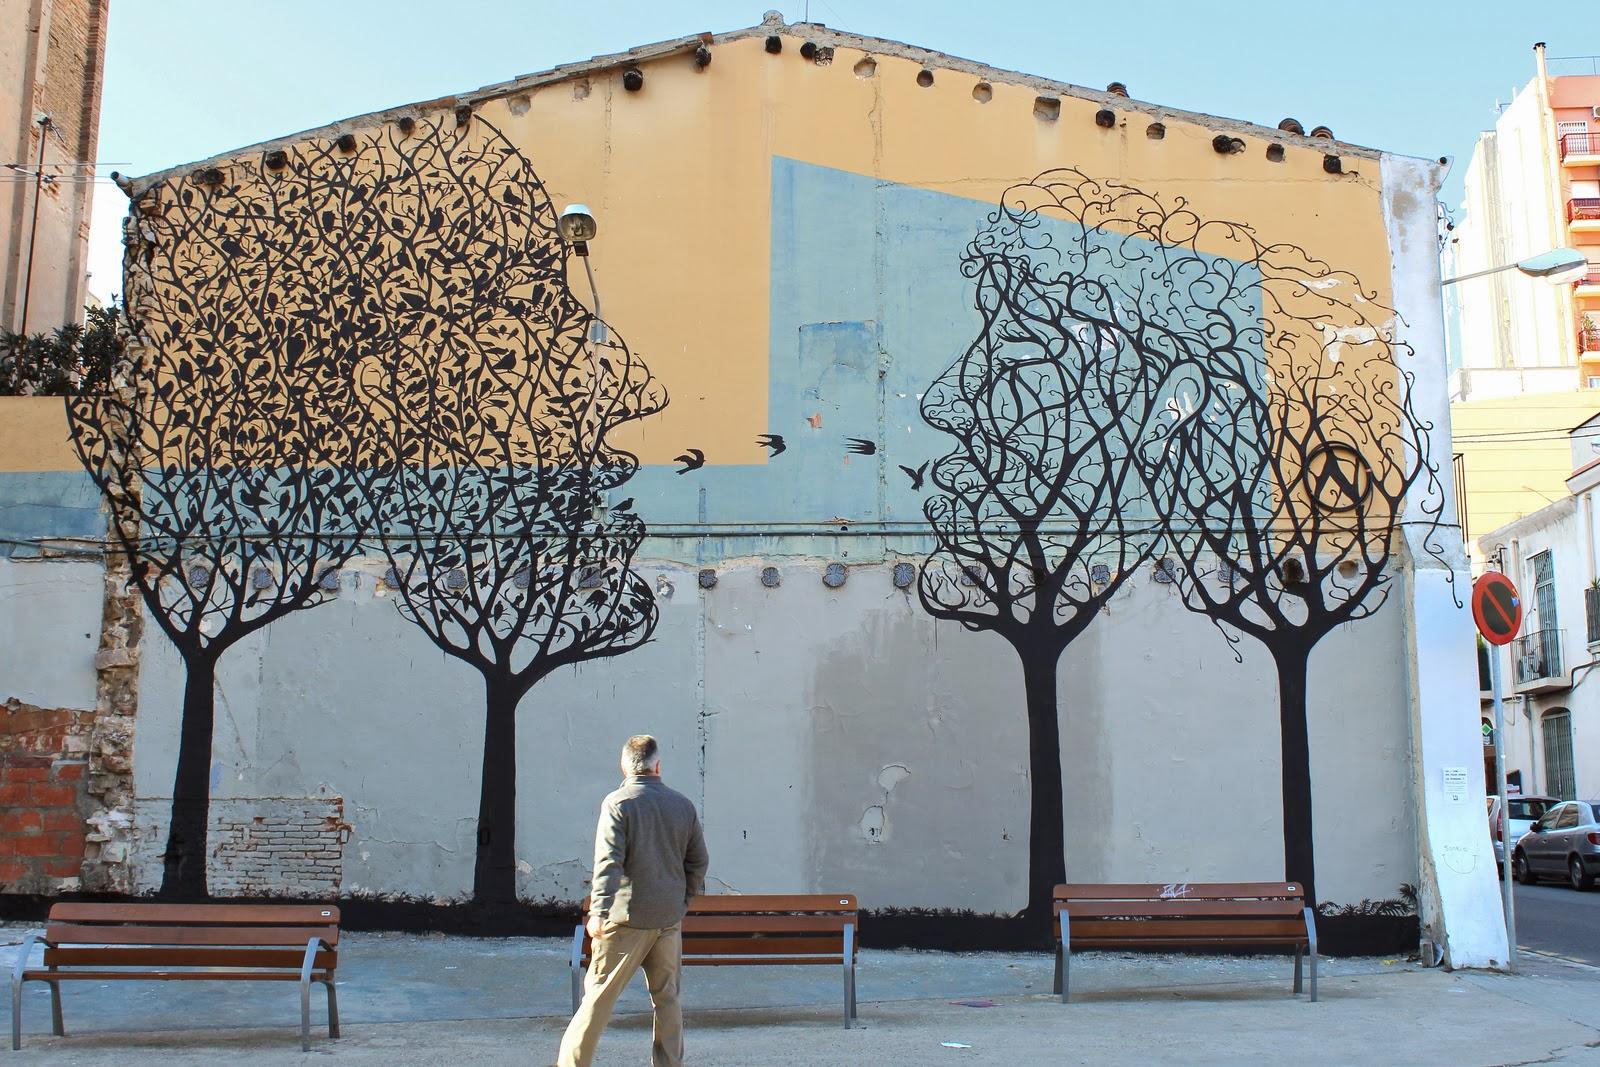 Sam3 park new mural barcelona spain streetartnews for Mural street art